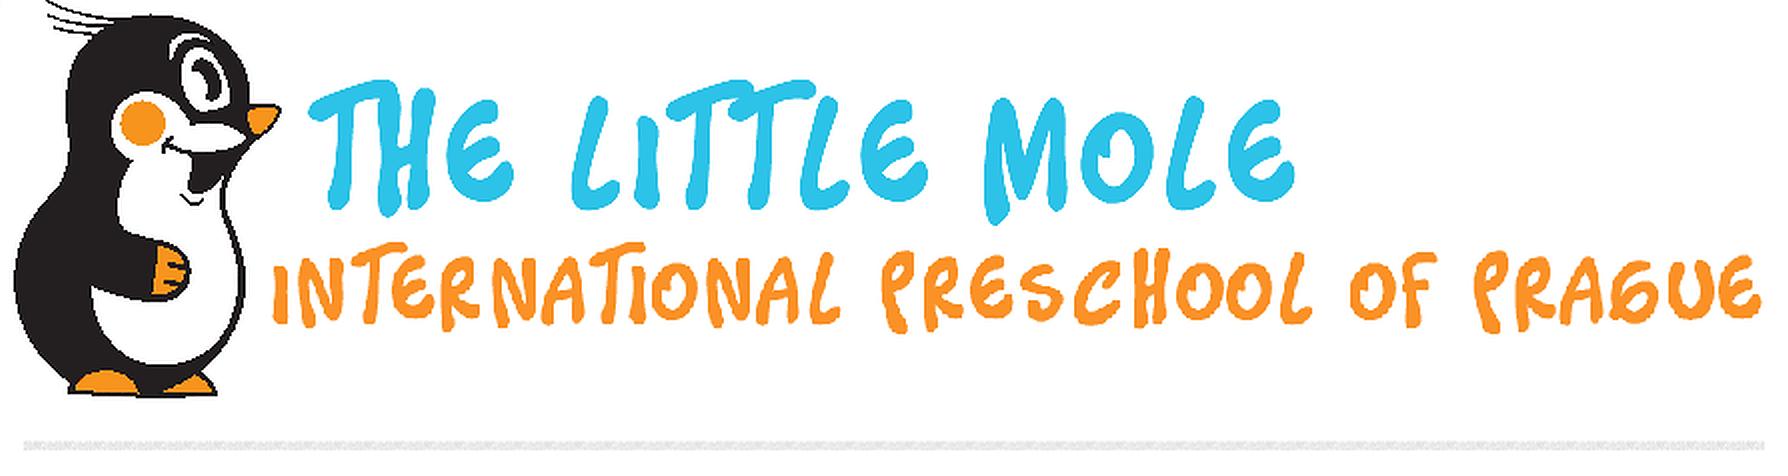 The Little Mole International Preschool of Prague